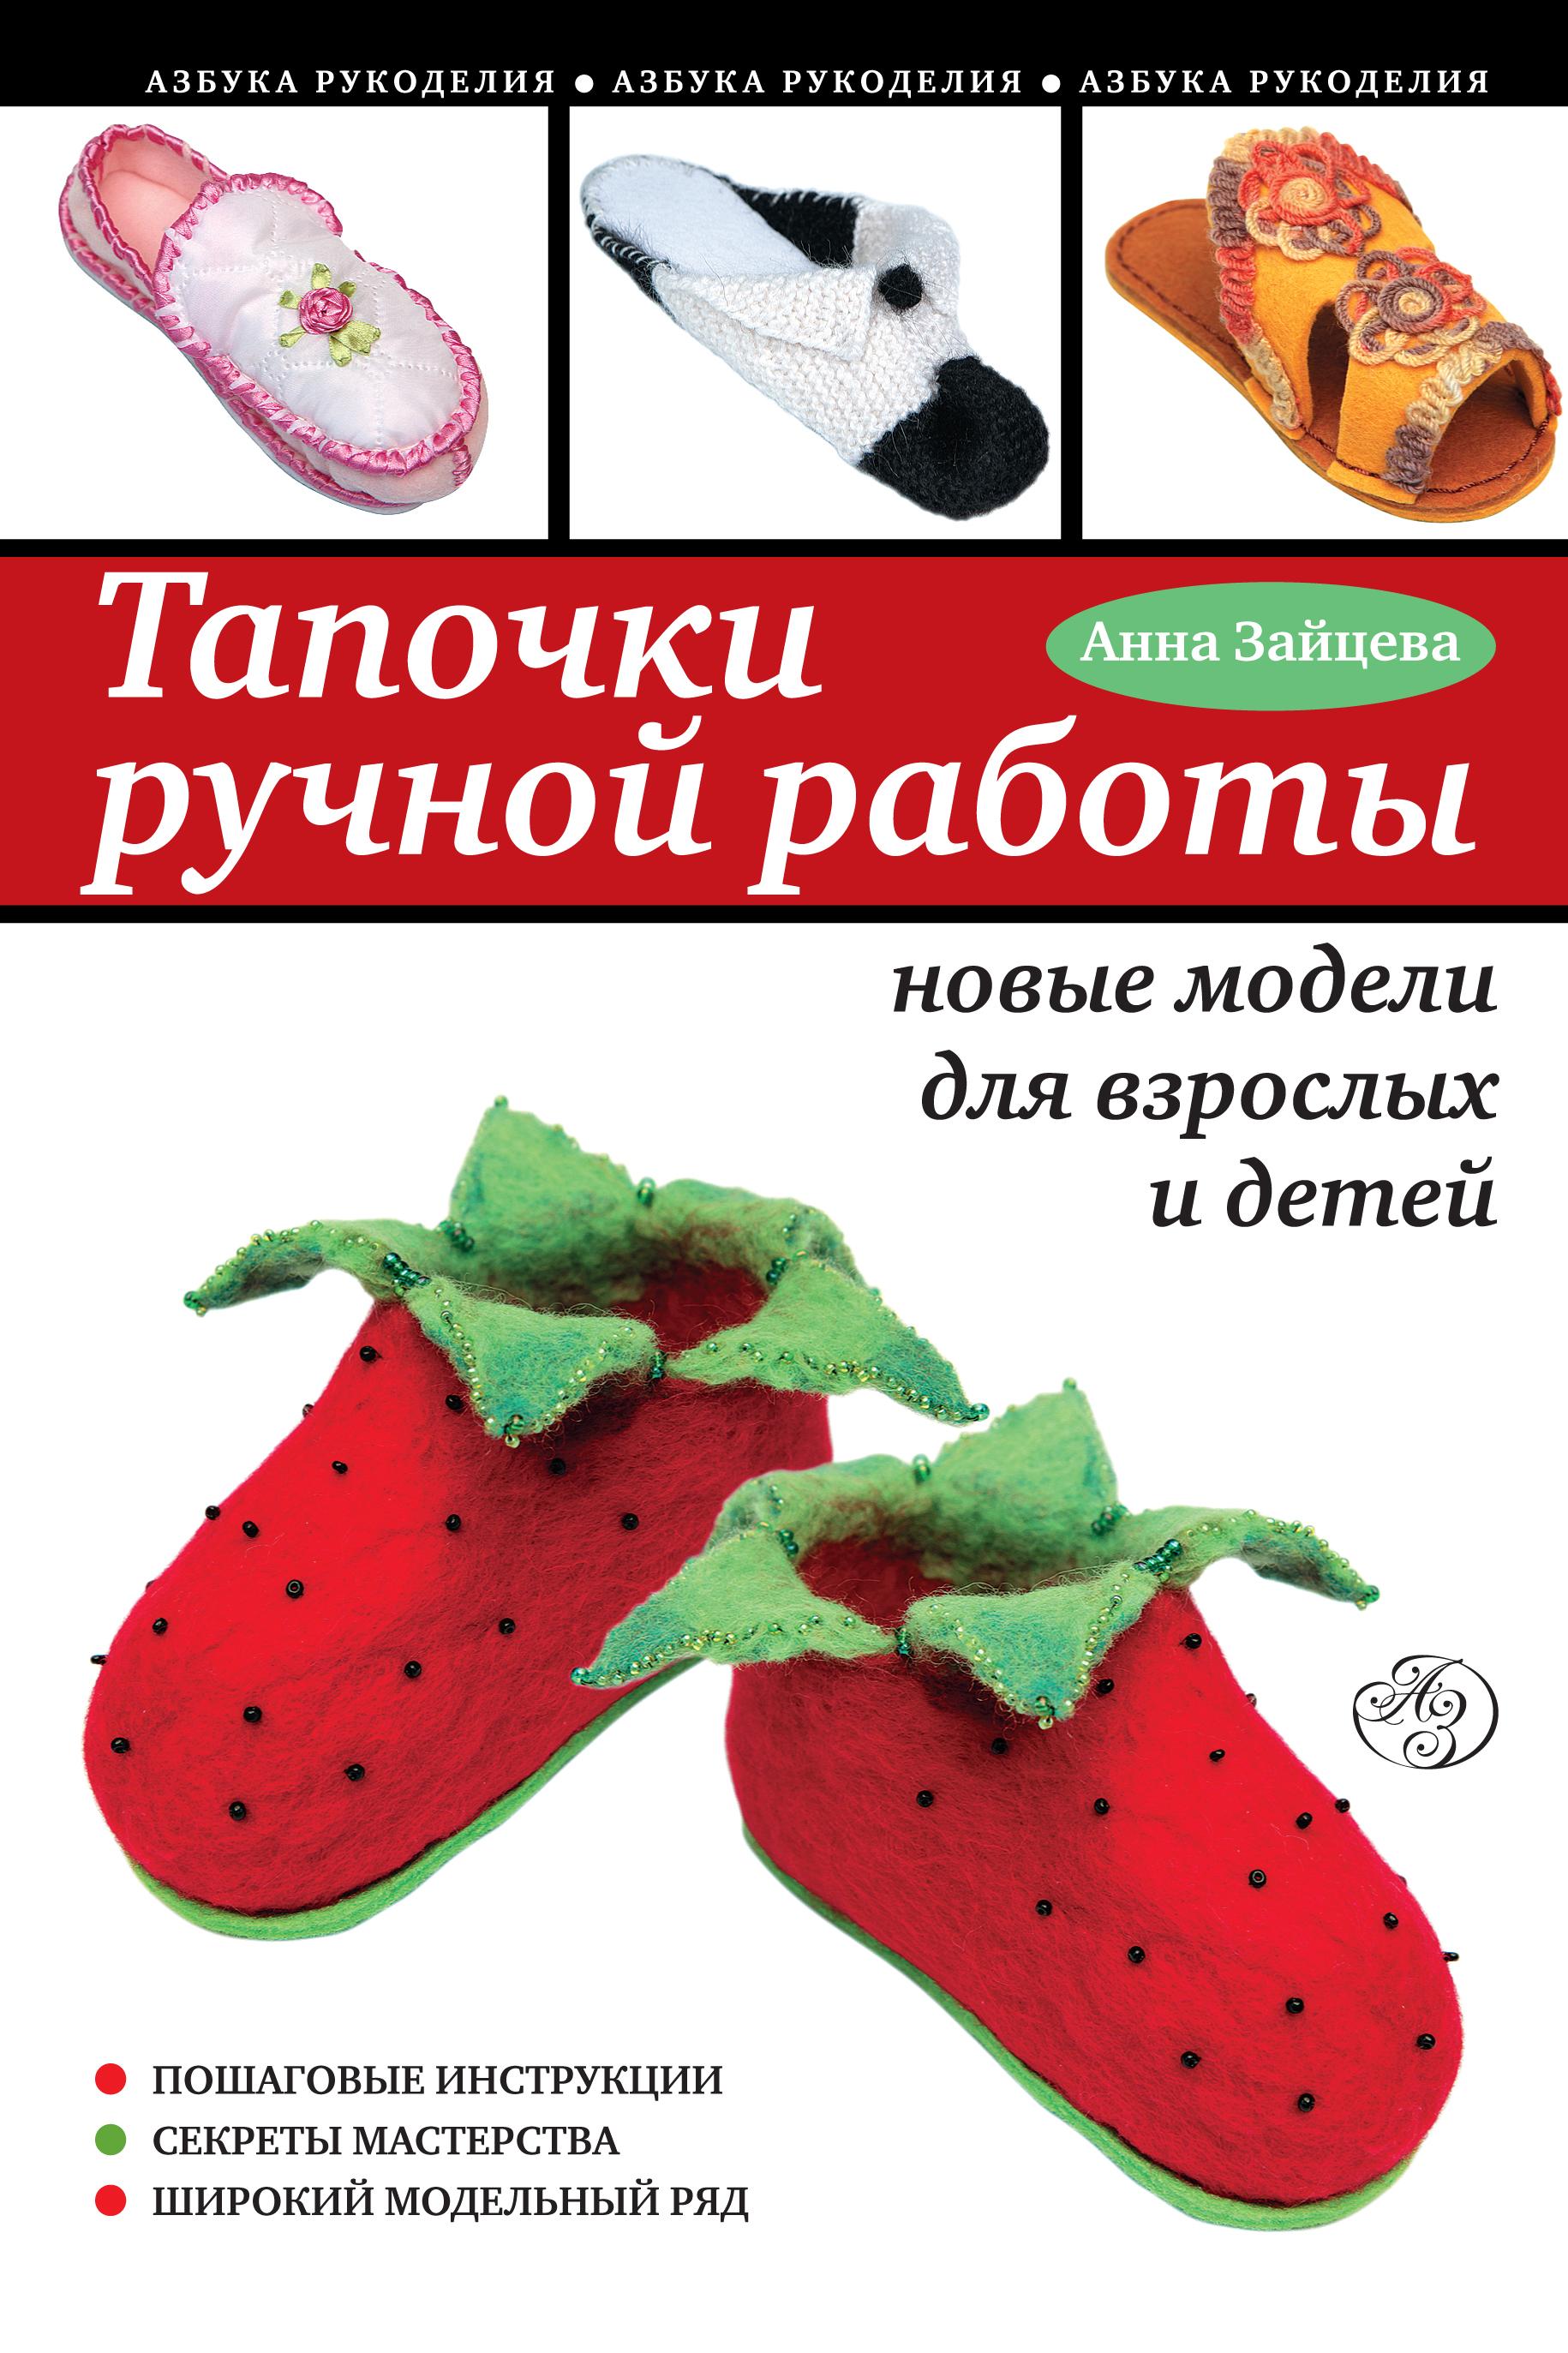 Анна Зайцева Тапочки ручной работы: новые модели для взрослых и детей